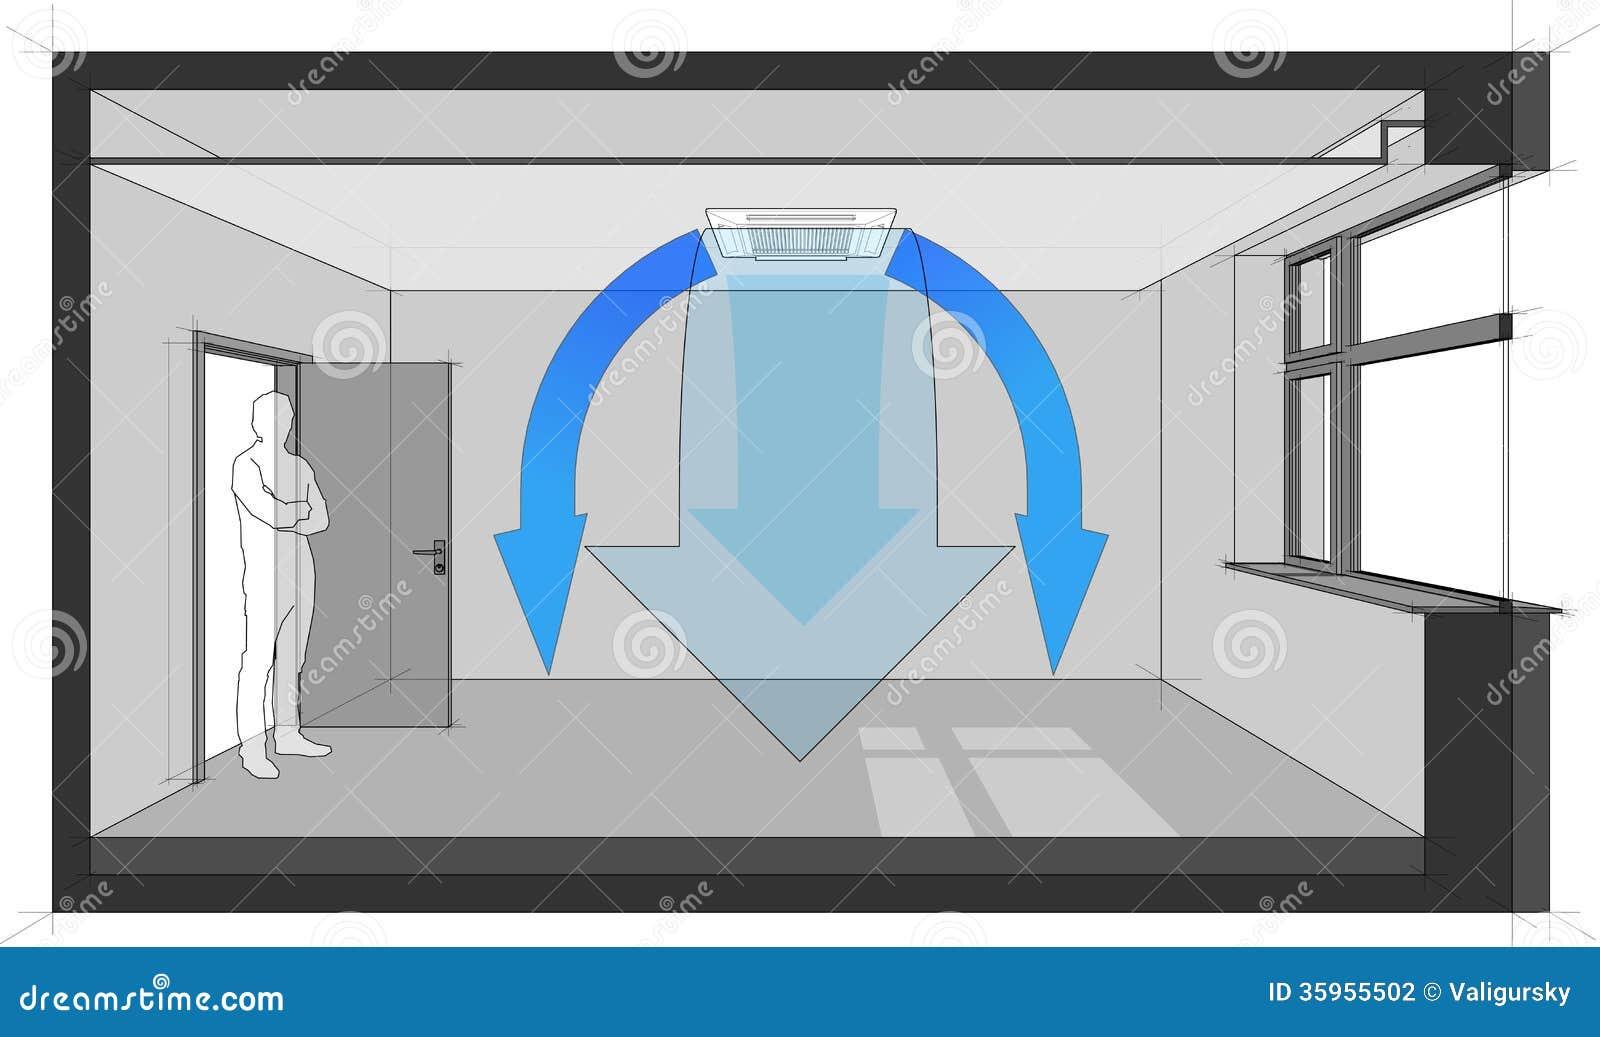 Diagrama de la unidad del conditionig del aire del techo